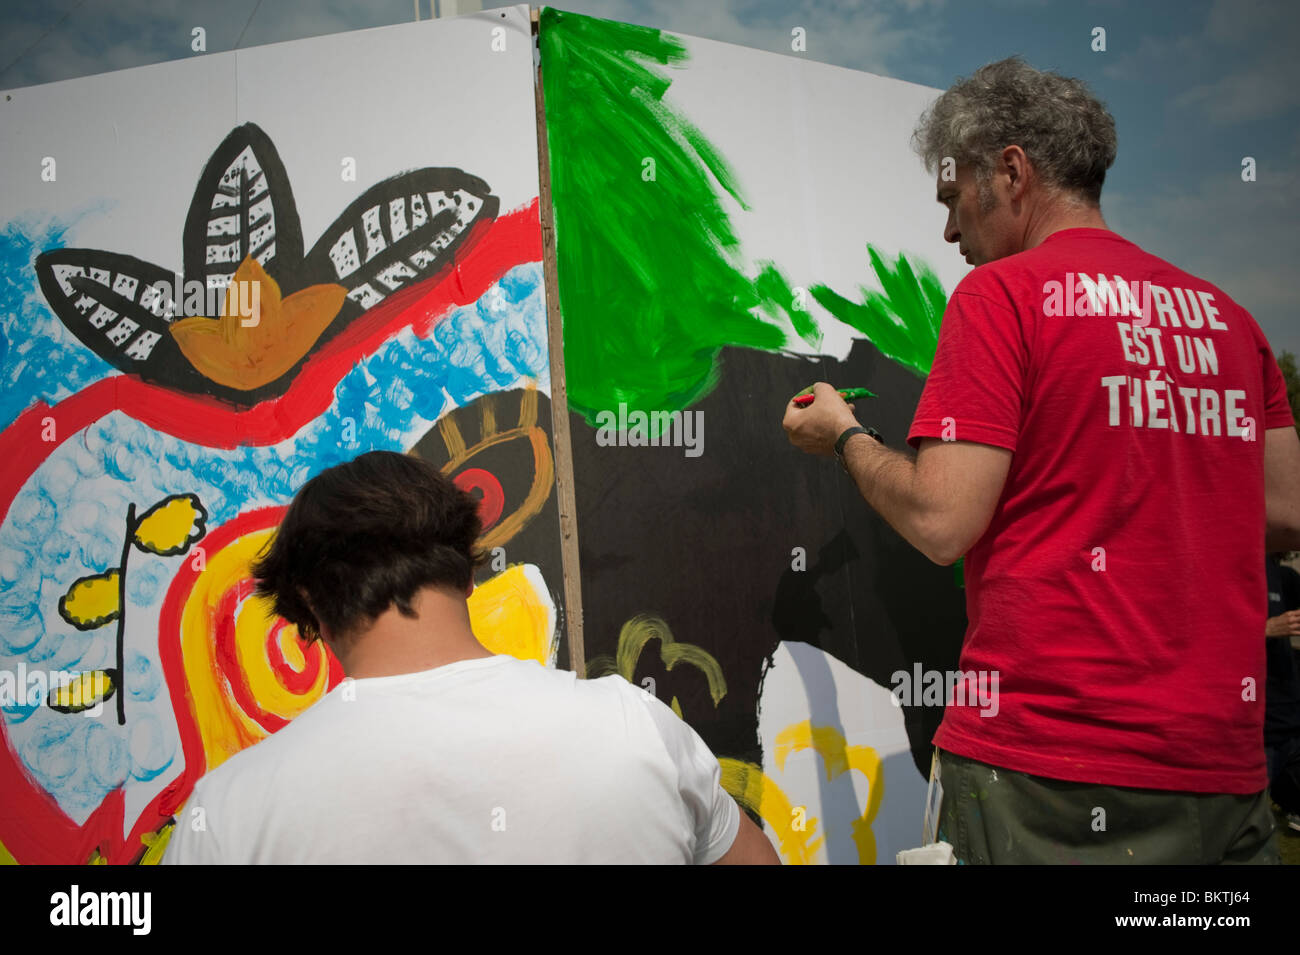 """Celebrazione del mondo """"commercio equo"""" giorno, prato di La Villette Park, uomini muro dipinto graffiti Immagini Stock"""